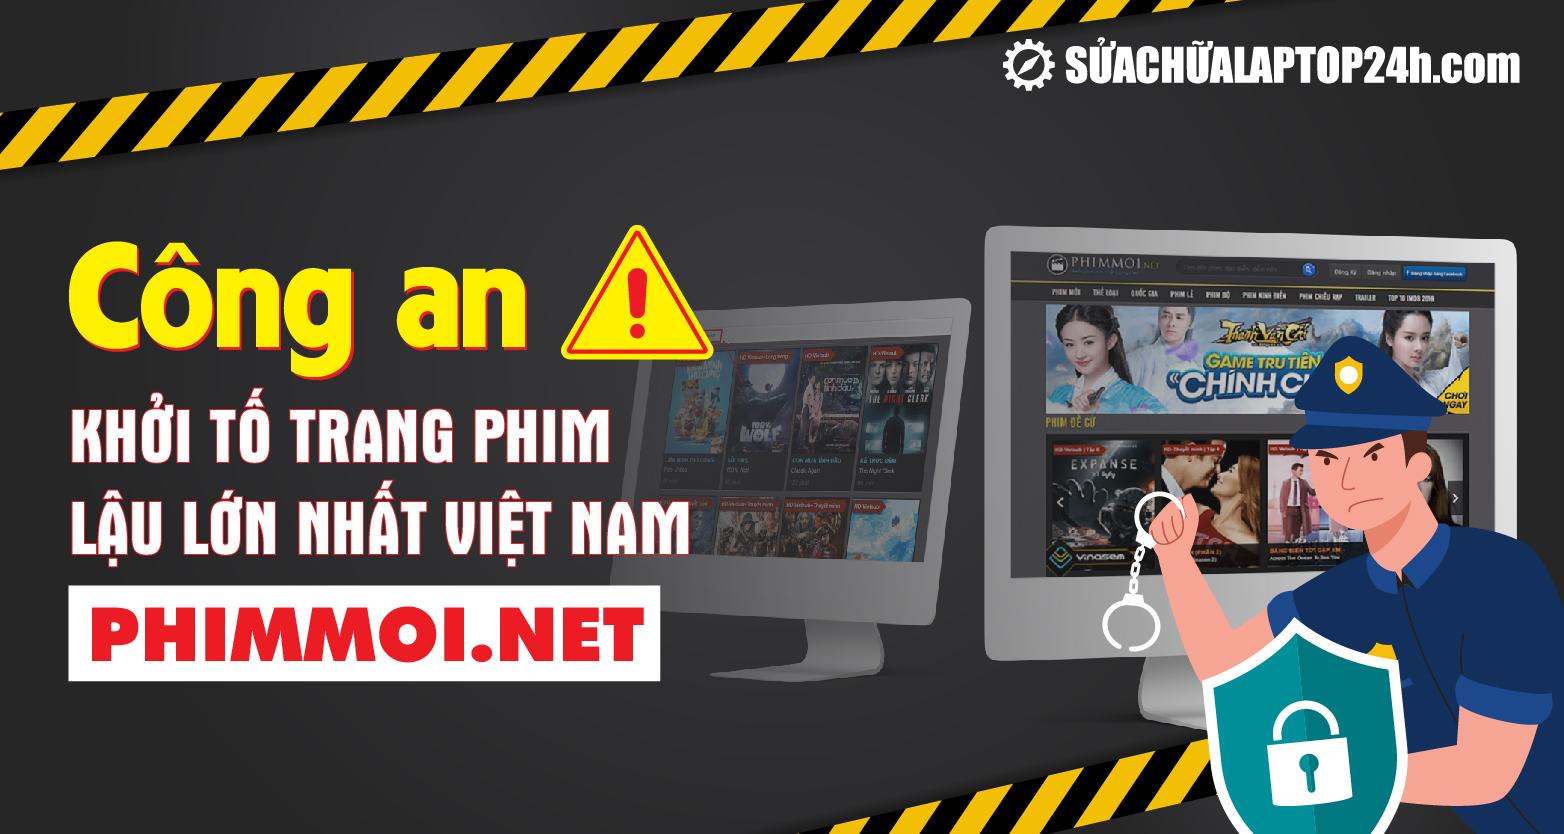 Trang phim lậu Phimmoi.net bị khởi tố